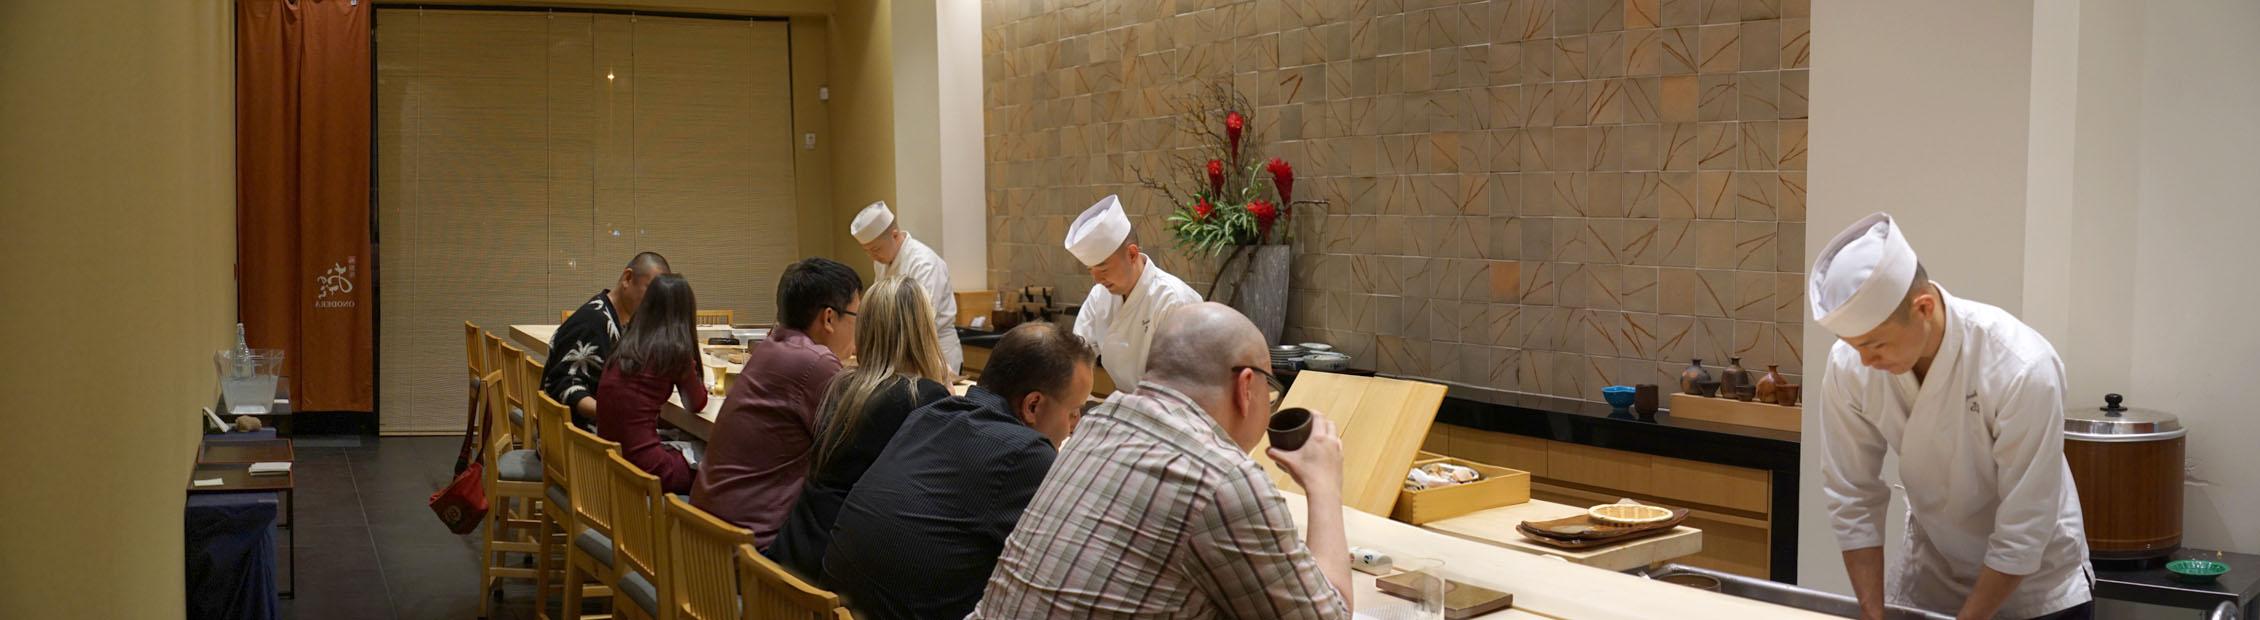 Sushi Ginza Onodera Interior